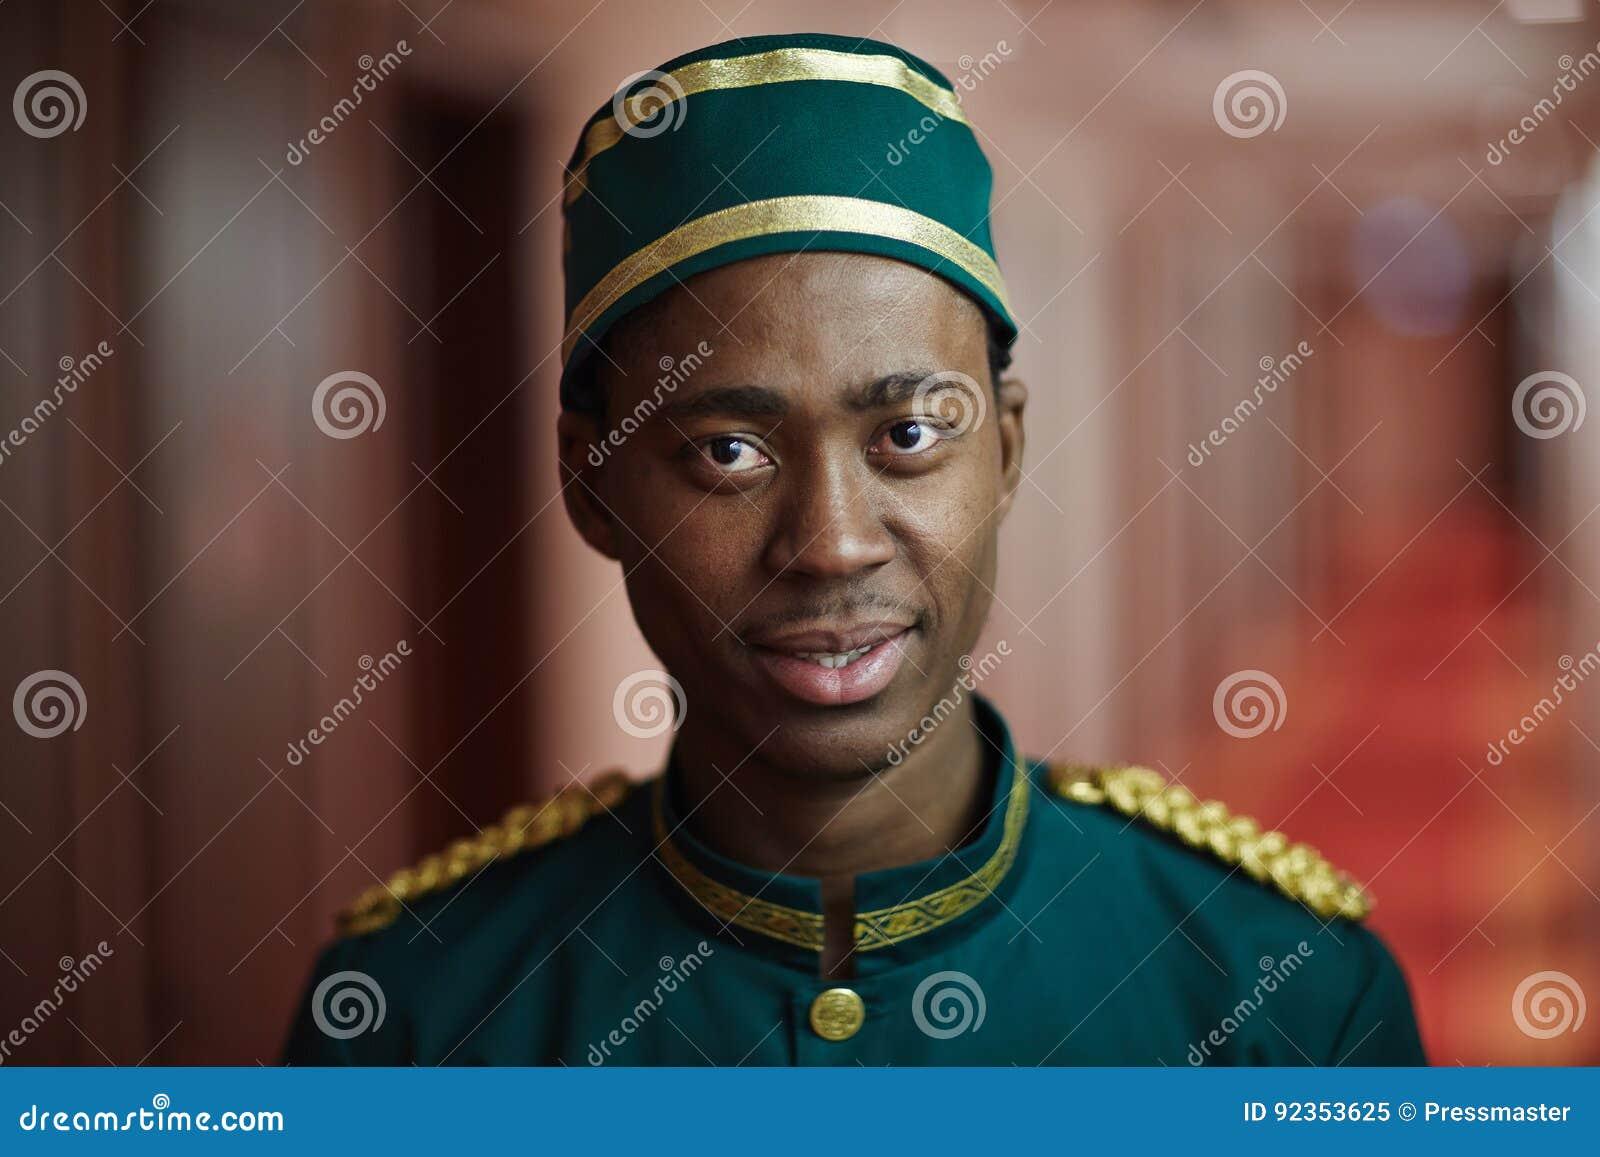 Powitalny Afrykański Bellboy w hotelu